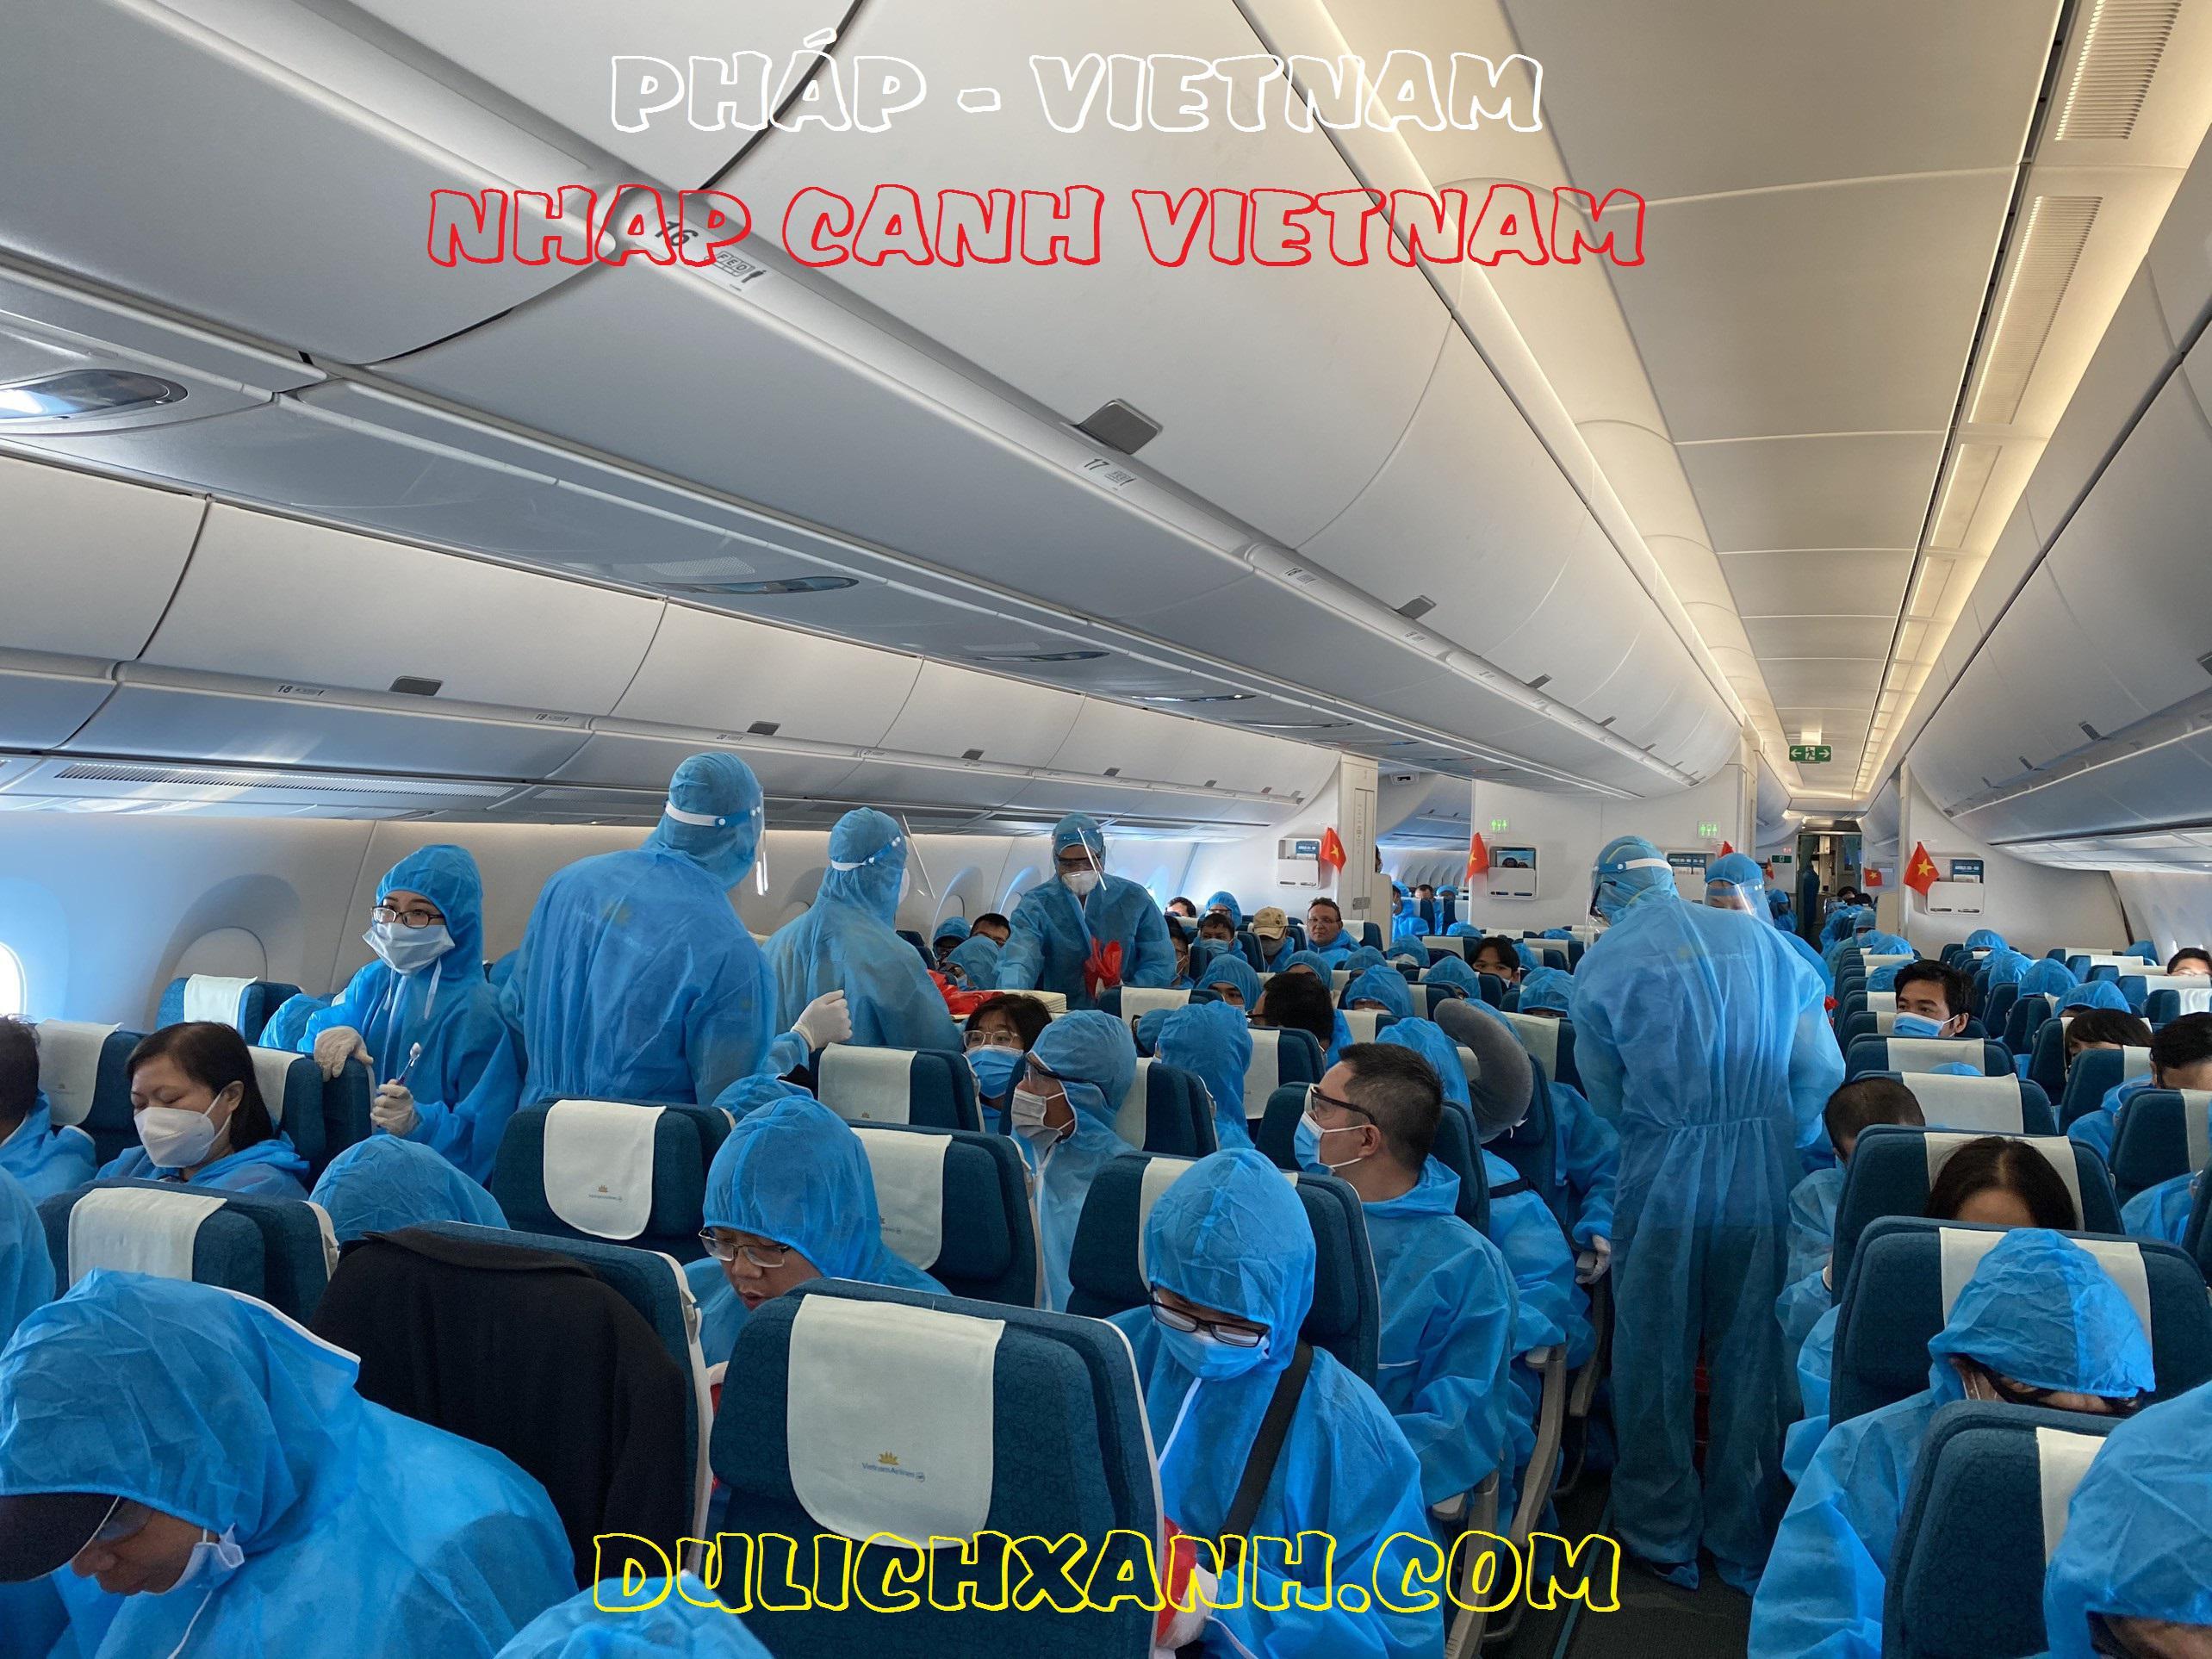 (Mới) Lịch bay hồi hương & chuyên gia từ Pháp về Việt Nam T6/2021